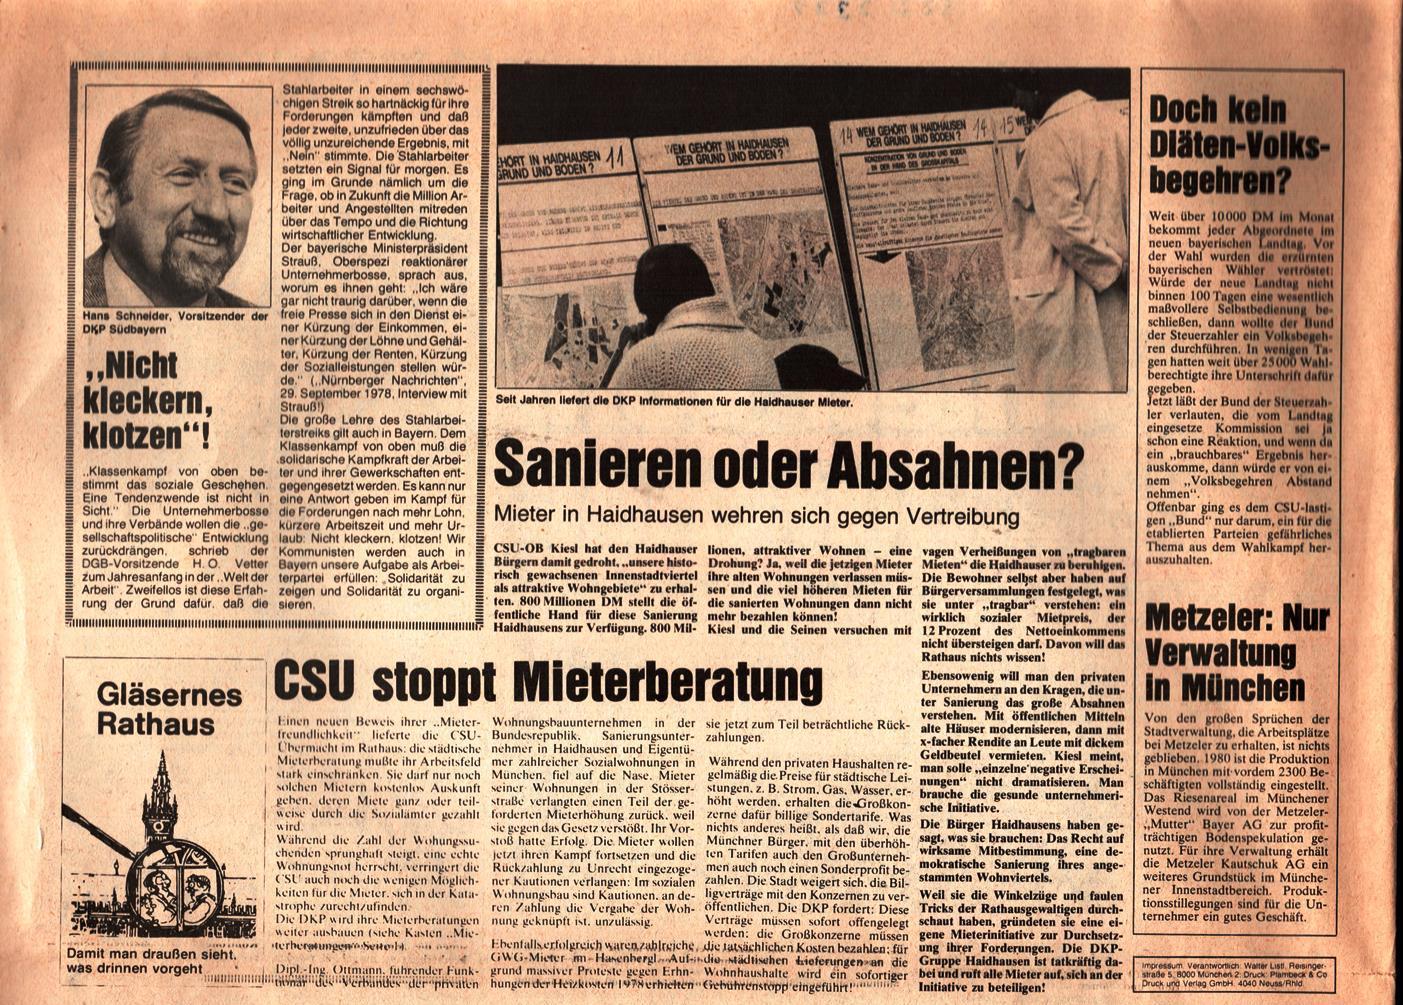 Muenchen_DKP_Neues_Muenchen_19790100_001_003